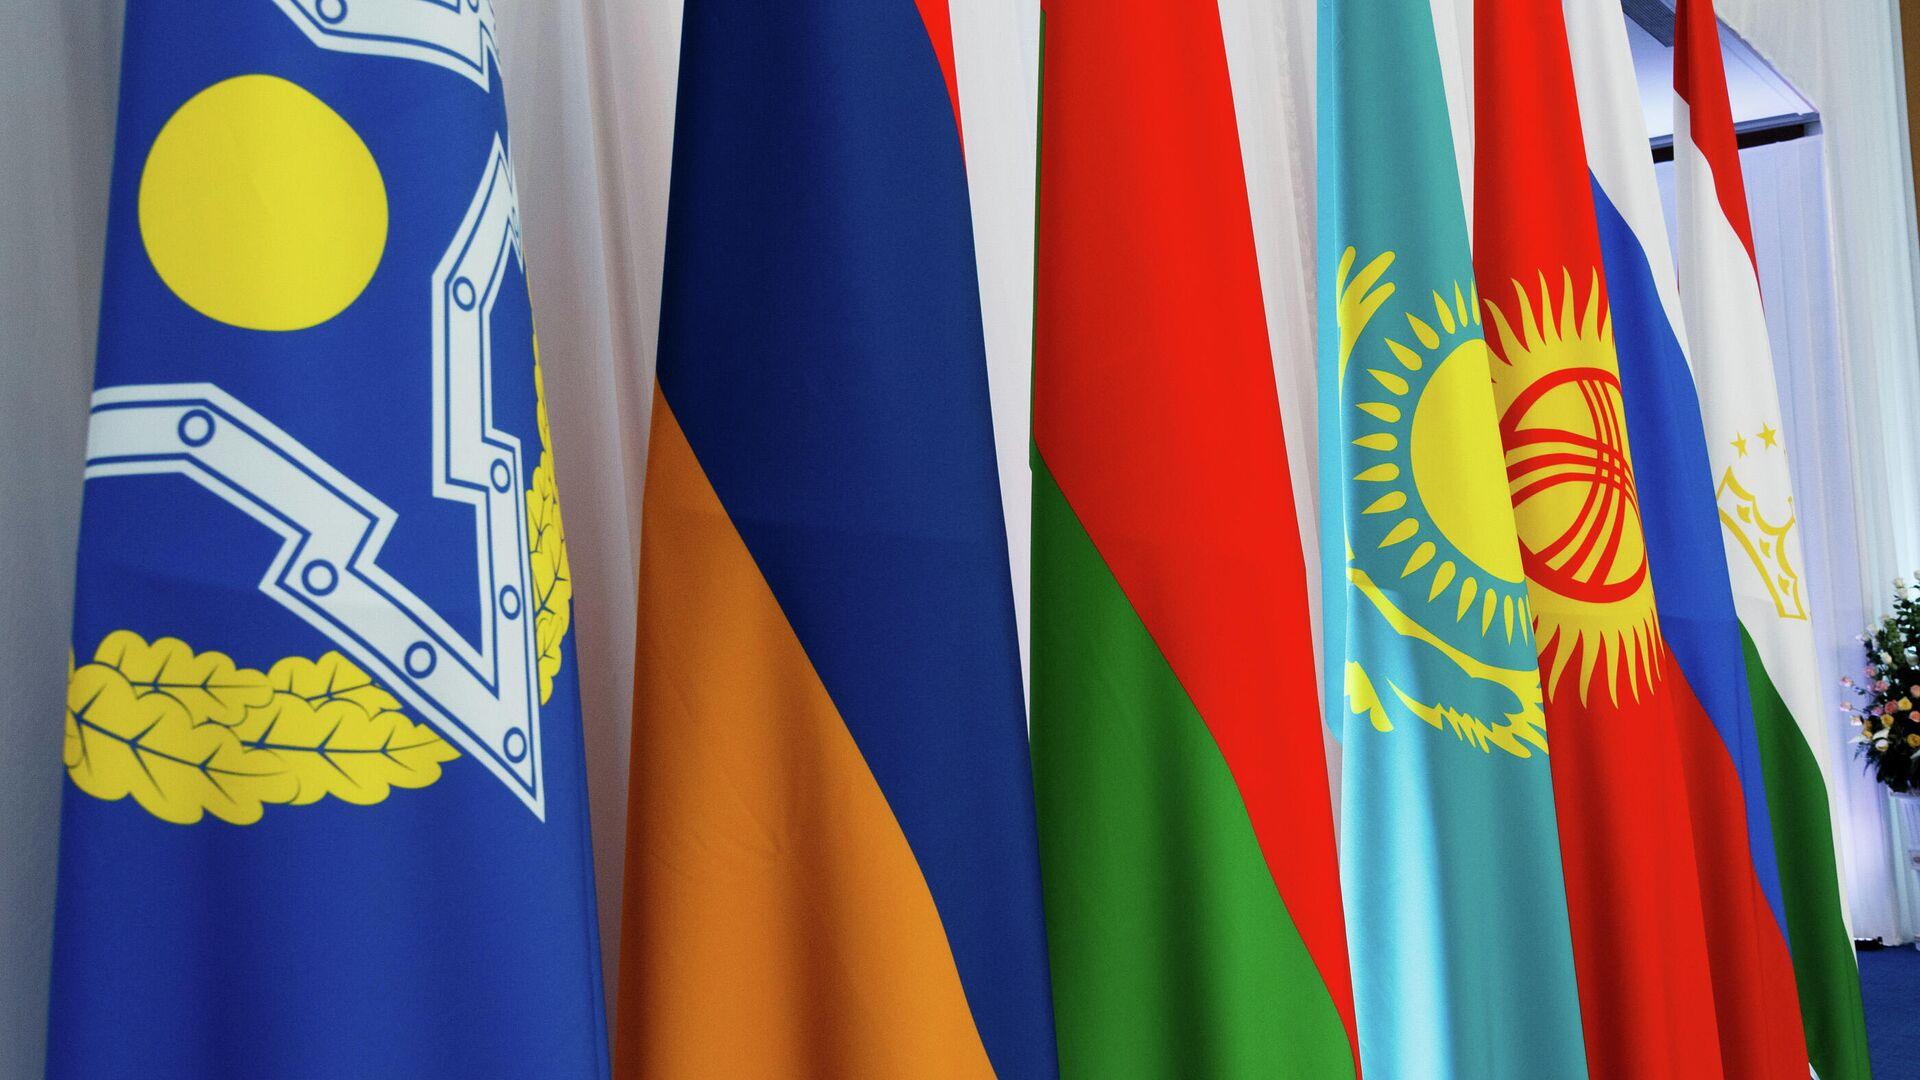 Флаги стран-участниц совместного заседания Совета министров иностранных дел, Совета министров обороны и Комитета секретарей советов безопасности ОДКБ - Sputnik Узбекистан, 1920, 08.10.2021